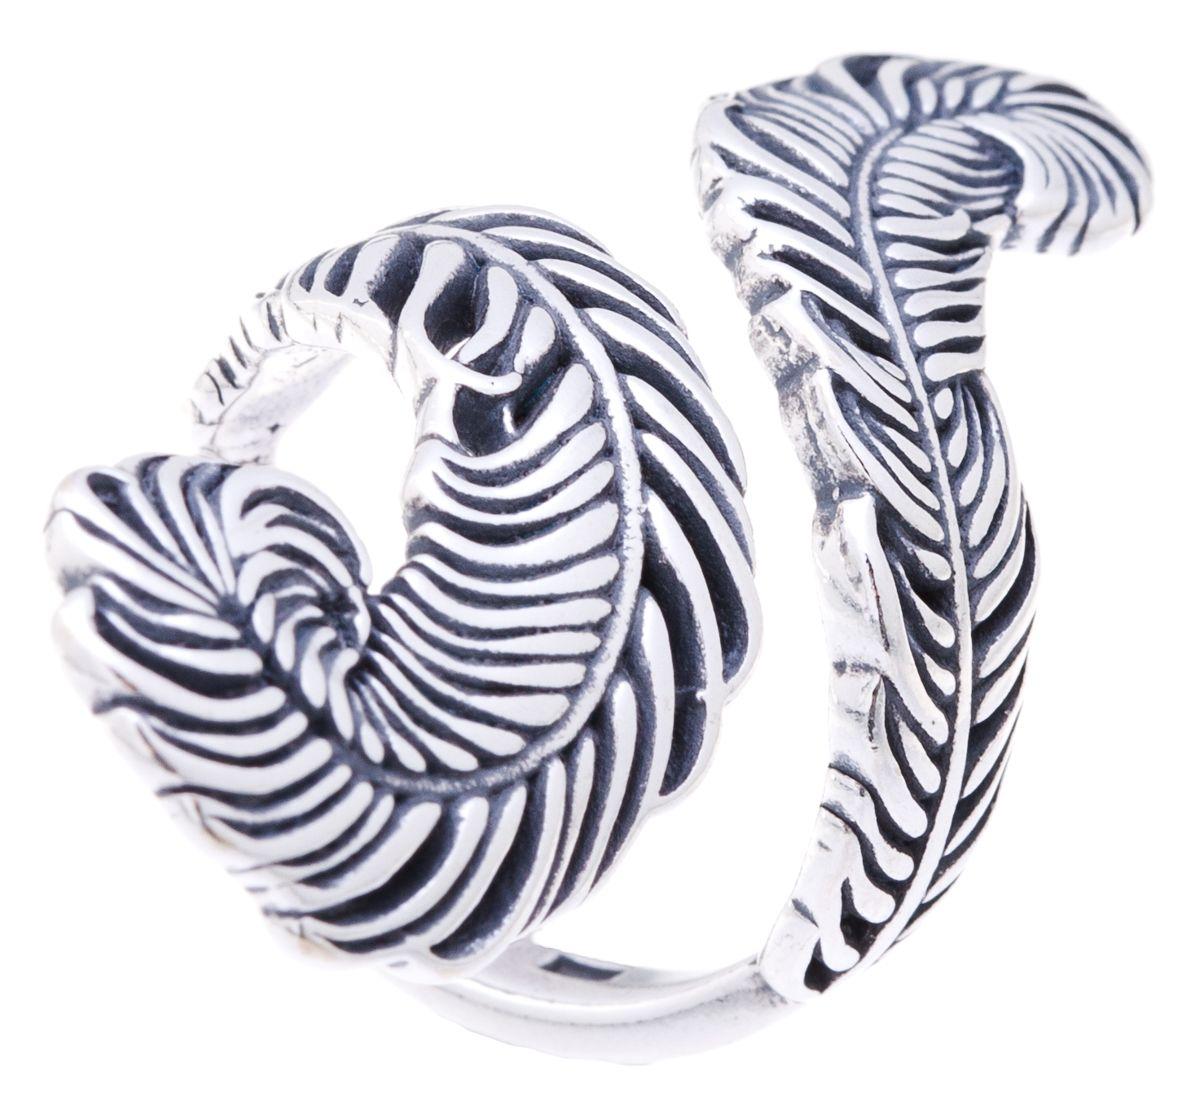 Jenavi, Коллекция Feather, Гис (Кольцо), цвет - серебро, , размер - 20f6783090Коллекция Feather, Гис (Кольцо) гипоаллергенный ювелирный сплав,Черненое серебро, вставка без вставок, цвет - серебро, , размер - 20